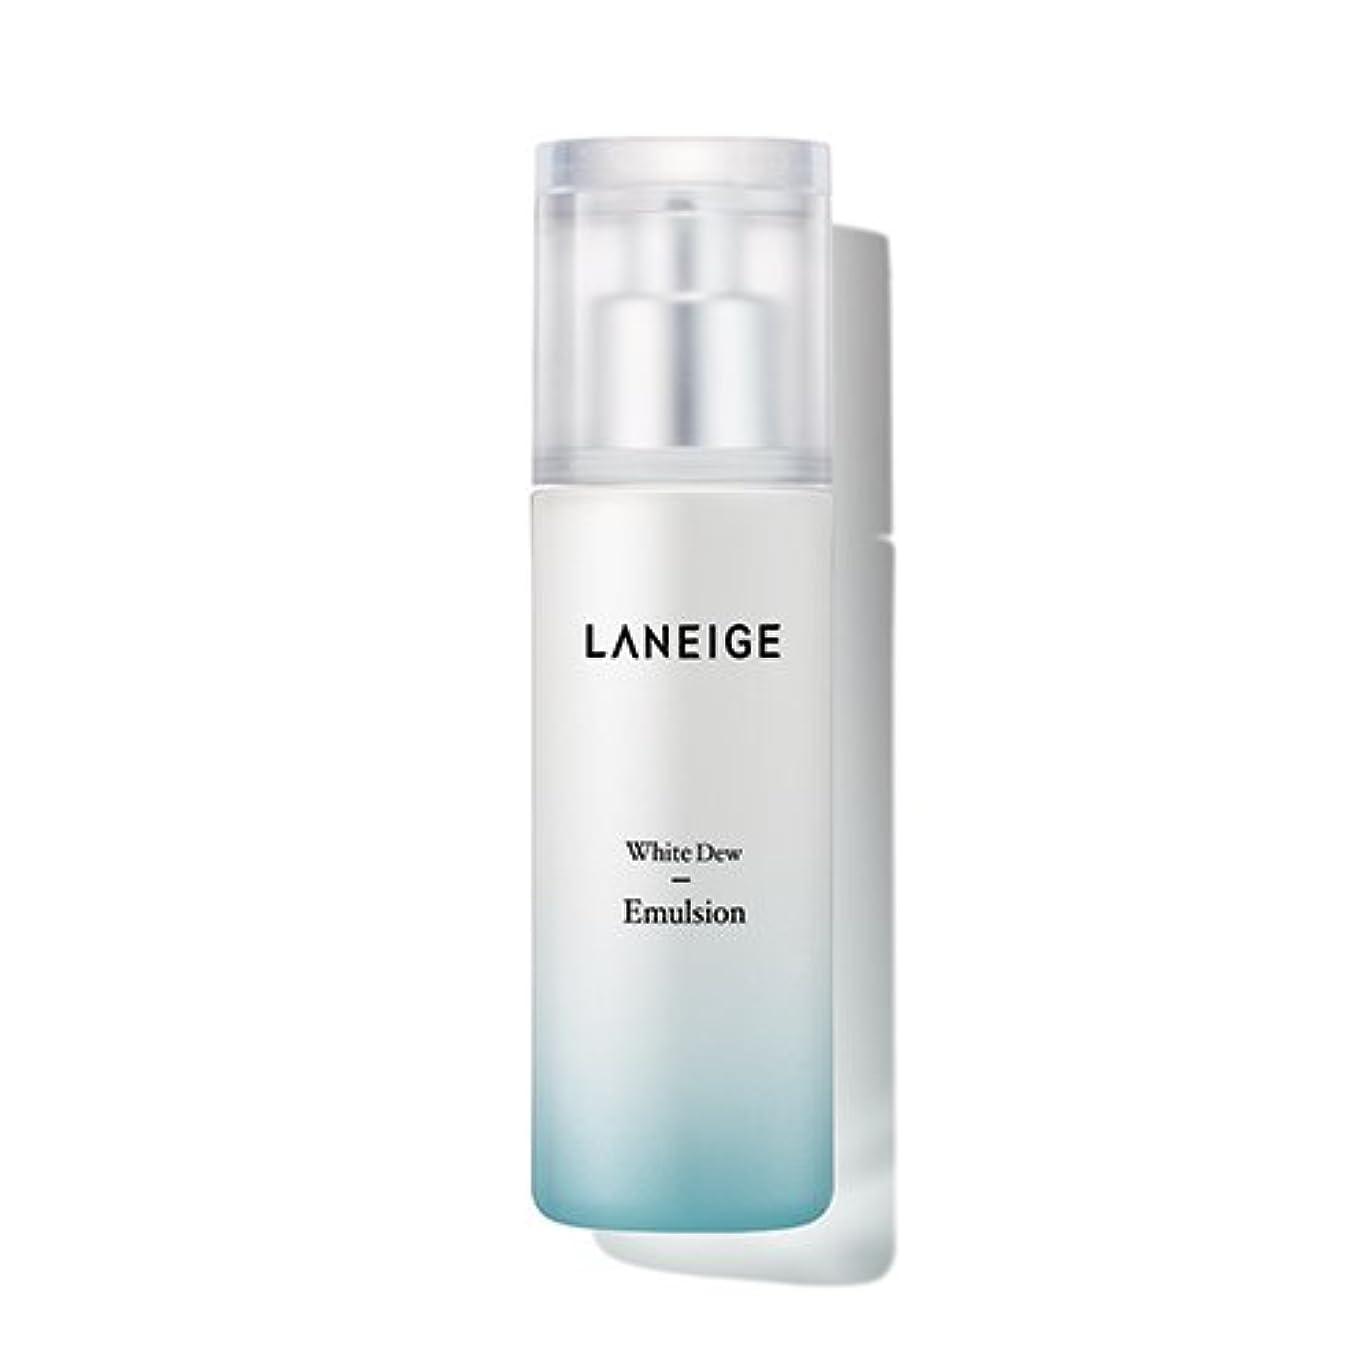 コーンウォール視線不良[ラネージュ] LANEIGE ホワイトデューエマルジョン White Dew Emulsion(海外直送品) [並行輸入品]